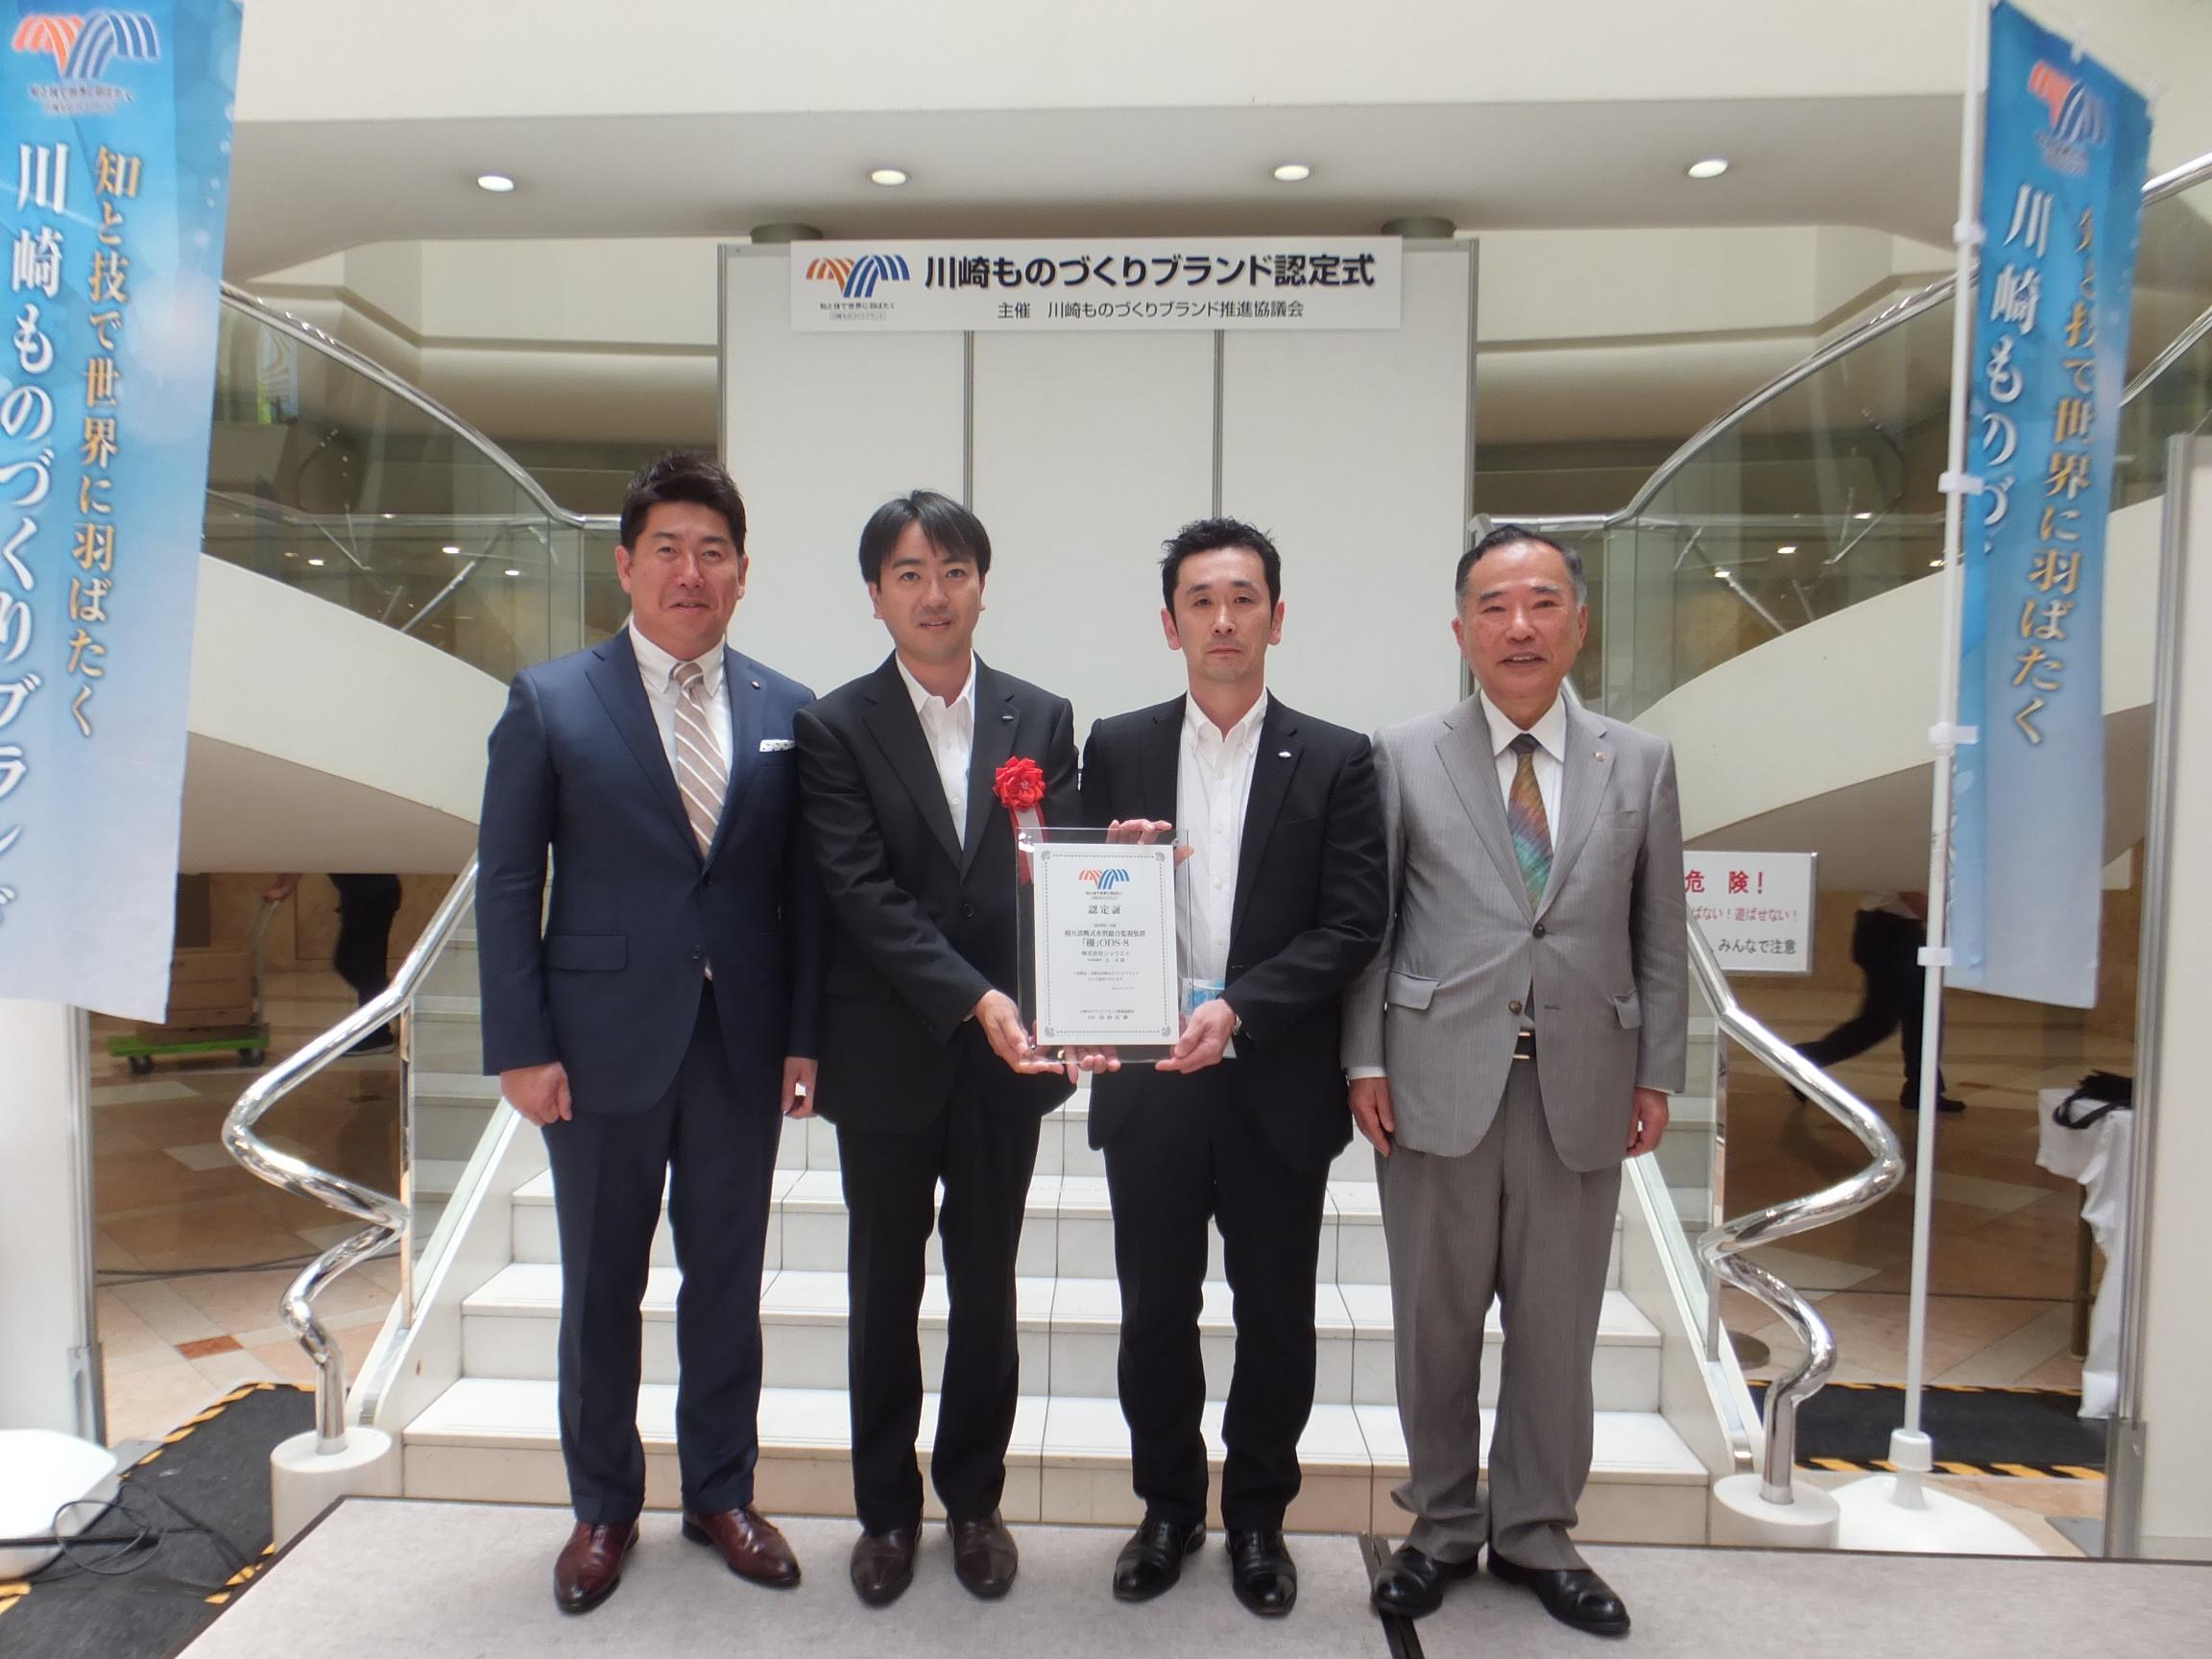 川崎ものづくりブランド認定盾を授与されたショウエイ社員